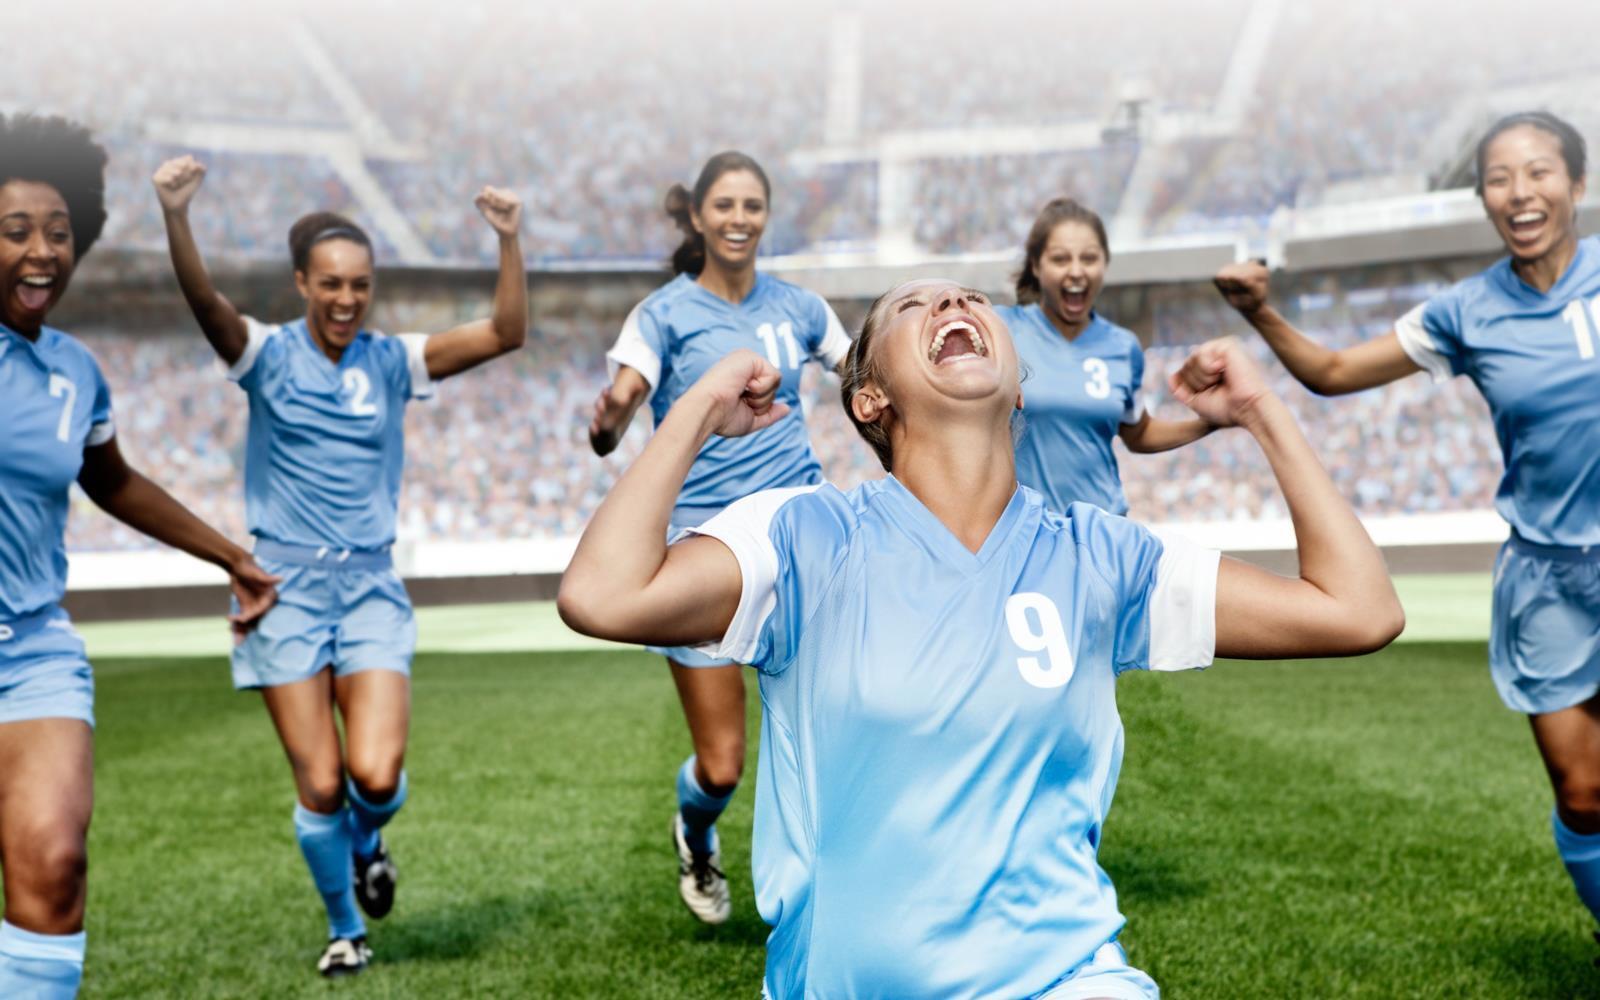 Russian Women's National Team at U.S. Women's National Team